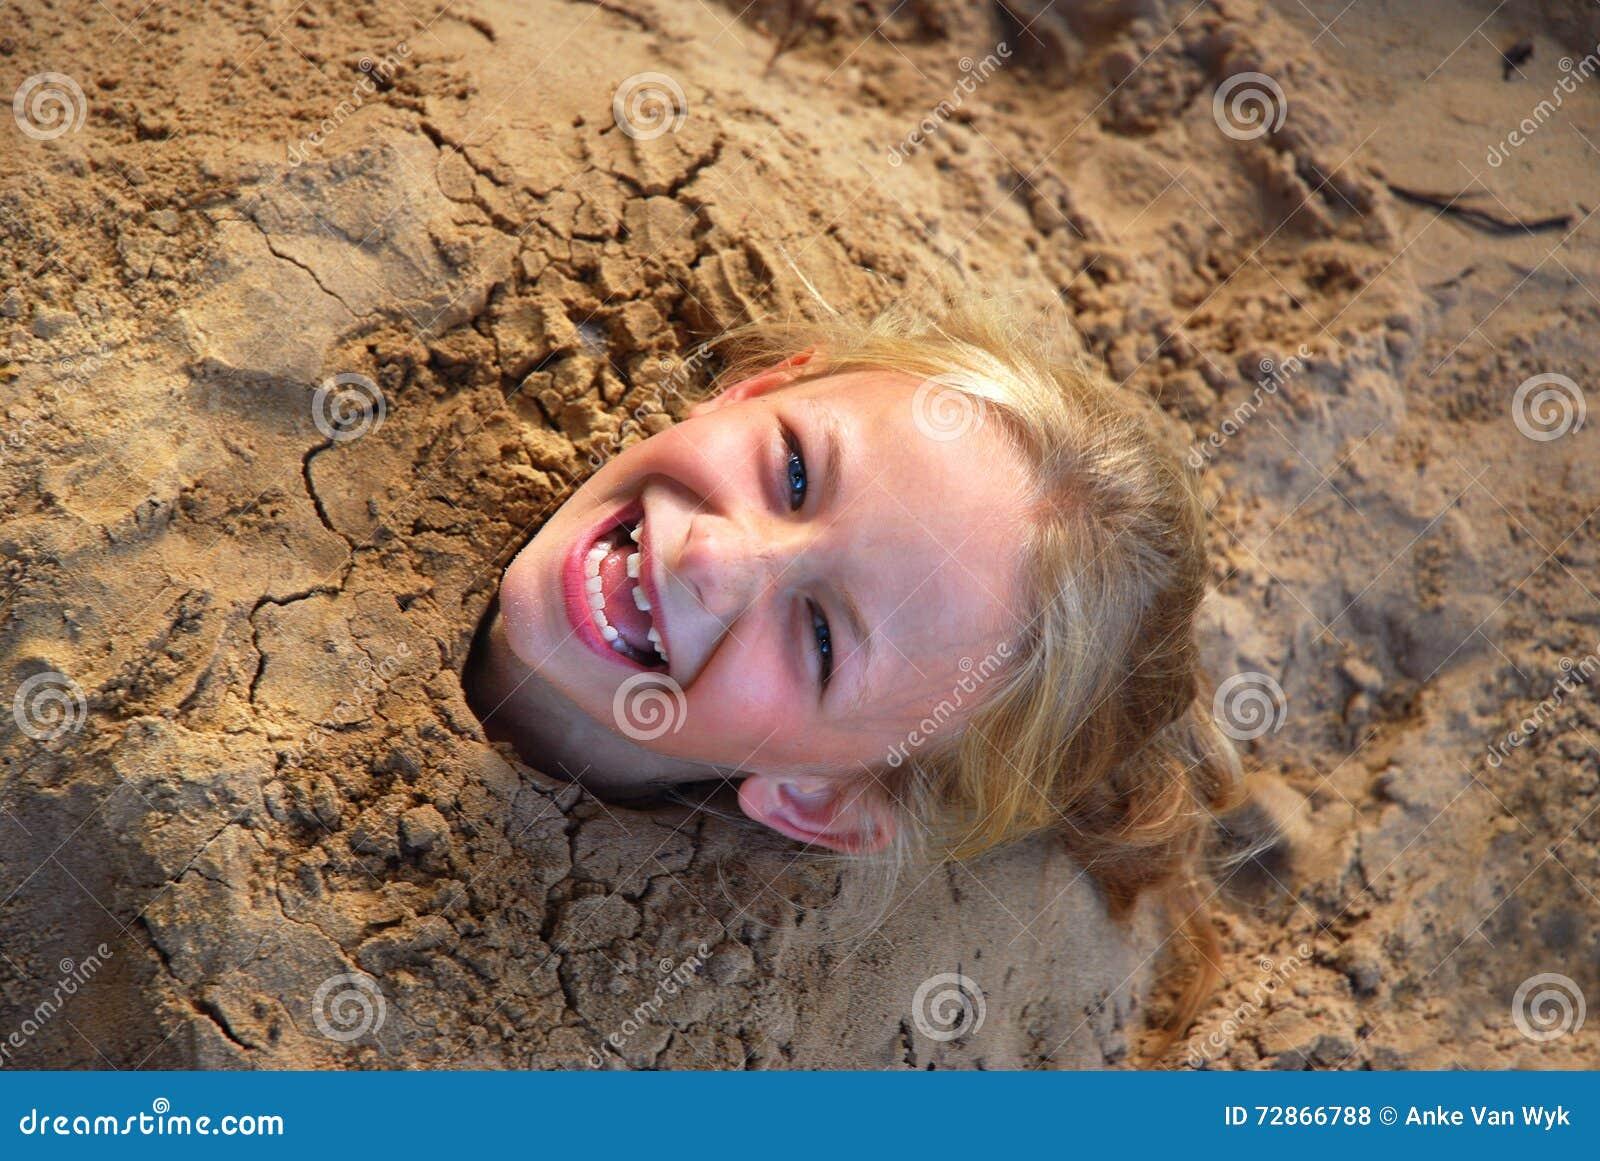 Mała dziewczynka kopał w piasek